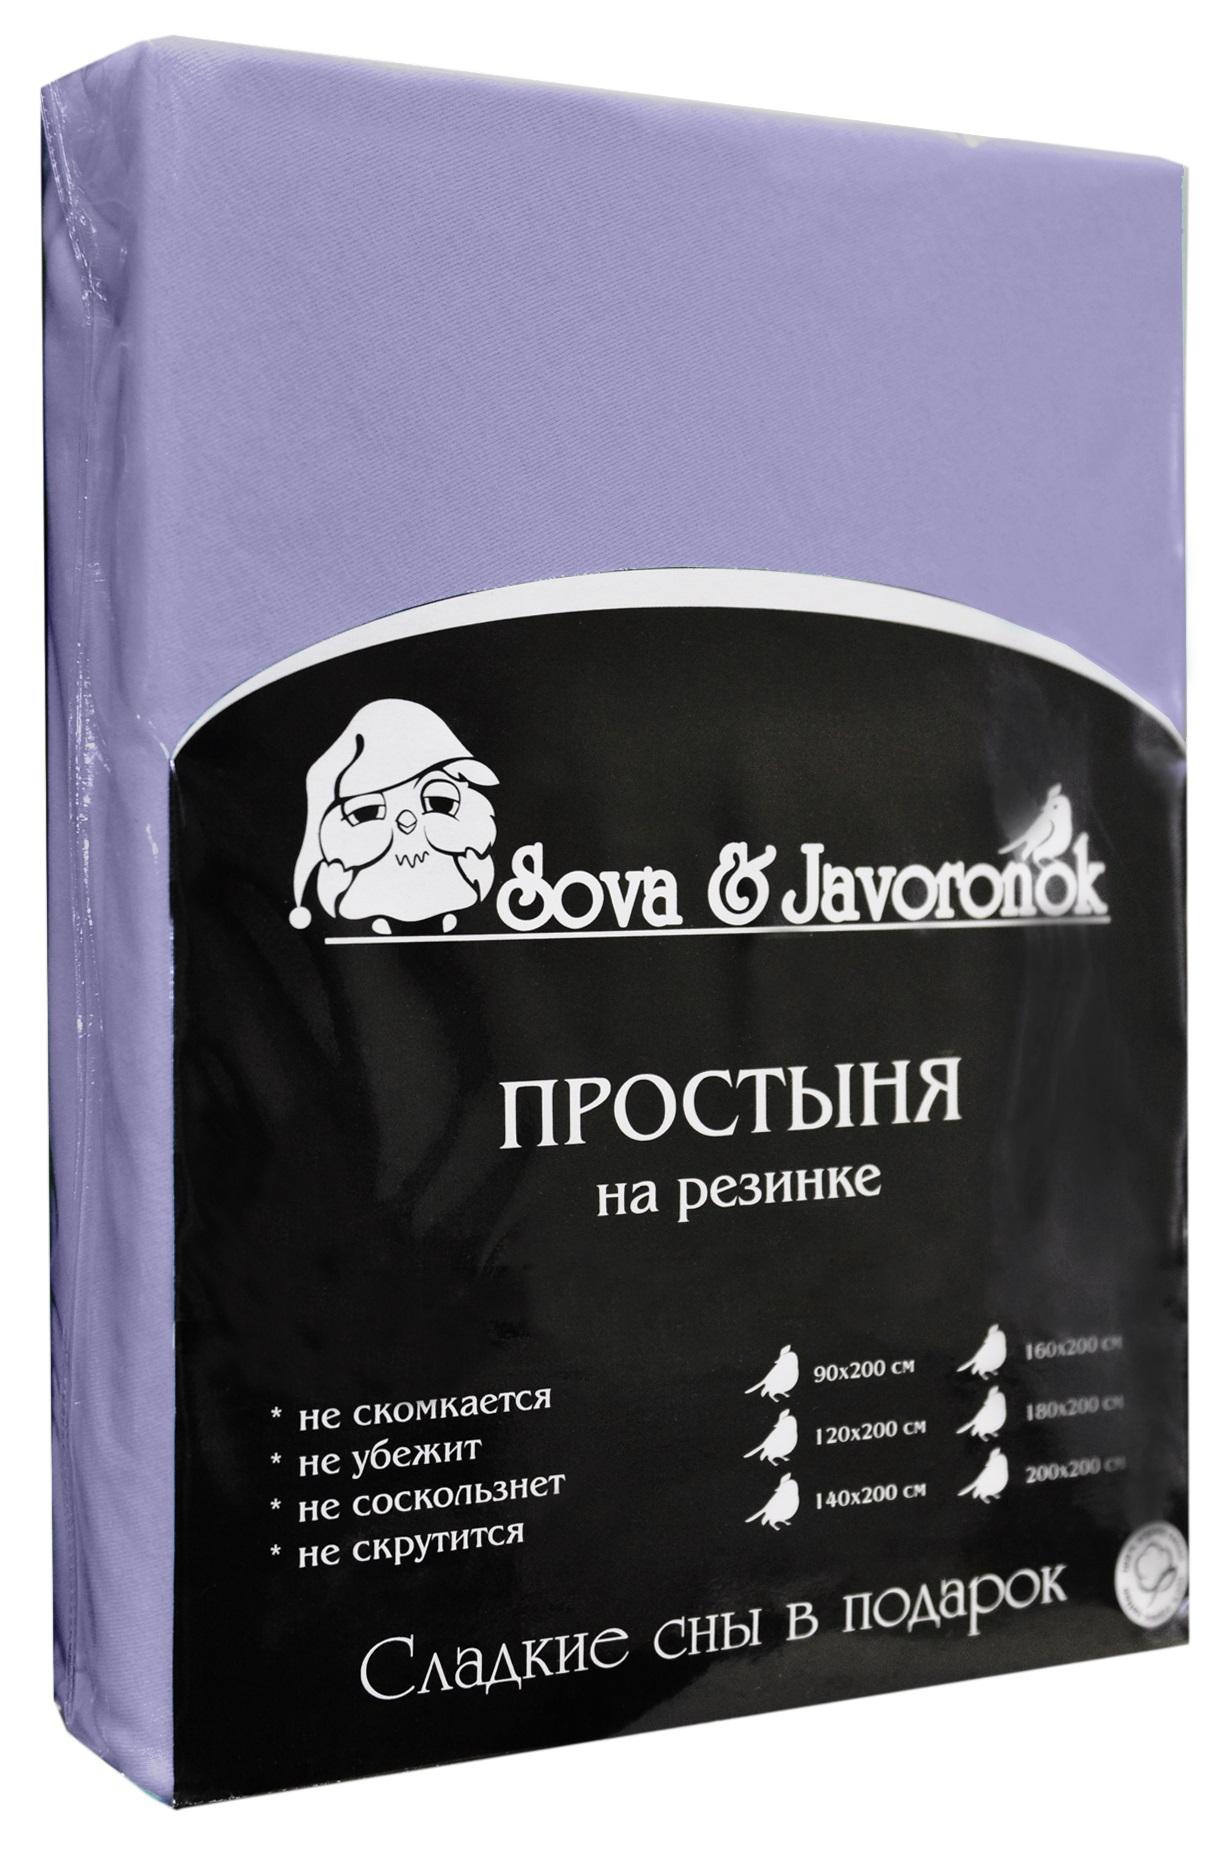 Простыня на резинке Sova & Javoronok, цвет: фиолетовый, 200 см х 200 см0803113882Простыня на резинке Sova & Javoronok, изготовленная из трикотажной ткани (100% хлопок), будет превосходно смотреться с любыми комплектами белья. Хлопчатобумажный трикотаж по праву считается одним из самых качественных, прочных и при этом приятных на ощупь. Его гигиеничность позволяет использовать простыню и в детских комнатах, к тому же 100%-ый хлопок в составе ткани не вызовет аллергии. У трикотажного полотна очень интересная структура, немного рыхлая за счет отсутствия плотного переплетения нитей и наличия особых петель, благодаря этому простыня Сова и Жаворонок отлично пропускает воздух и способствует его постоянной циркуляции. Поэтому ваша постель будет всегда оставаться свежей. Но главное и, пожалуй, самое известное свойство трикотажа - это его великолепная растяжимость, поэтому эта ткань и была выбрана для натяжной простыни на резинке. Простыня прошита резинкой по всему периметру, что обеспечивает более комфортный отдых, так как она прочно удерживается на матрасе и...